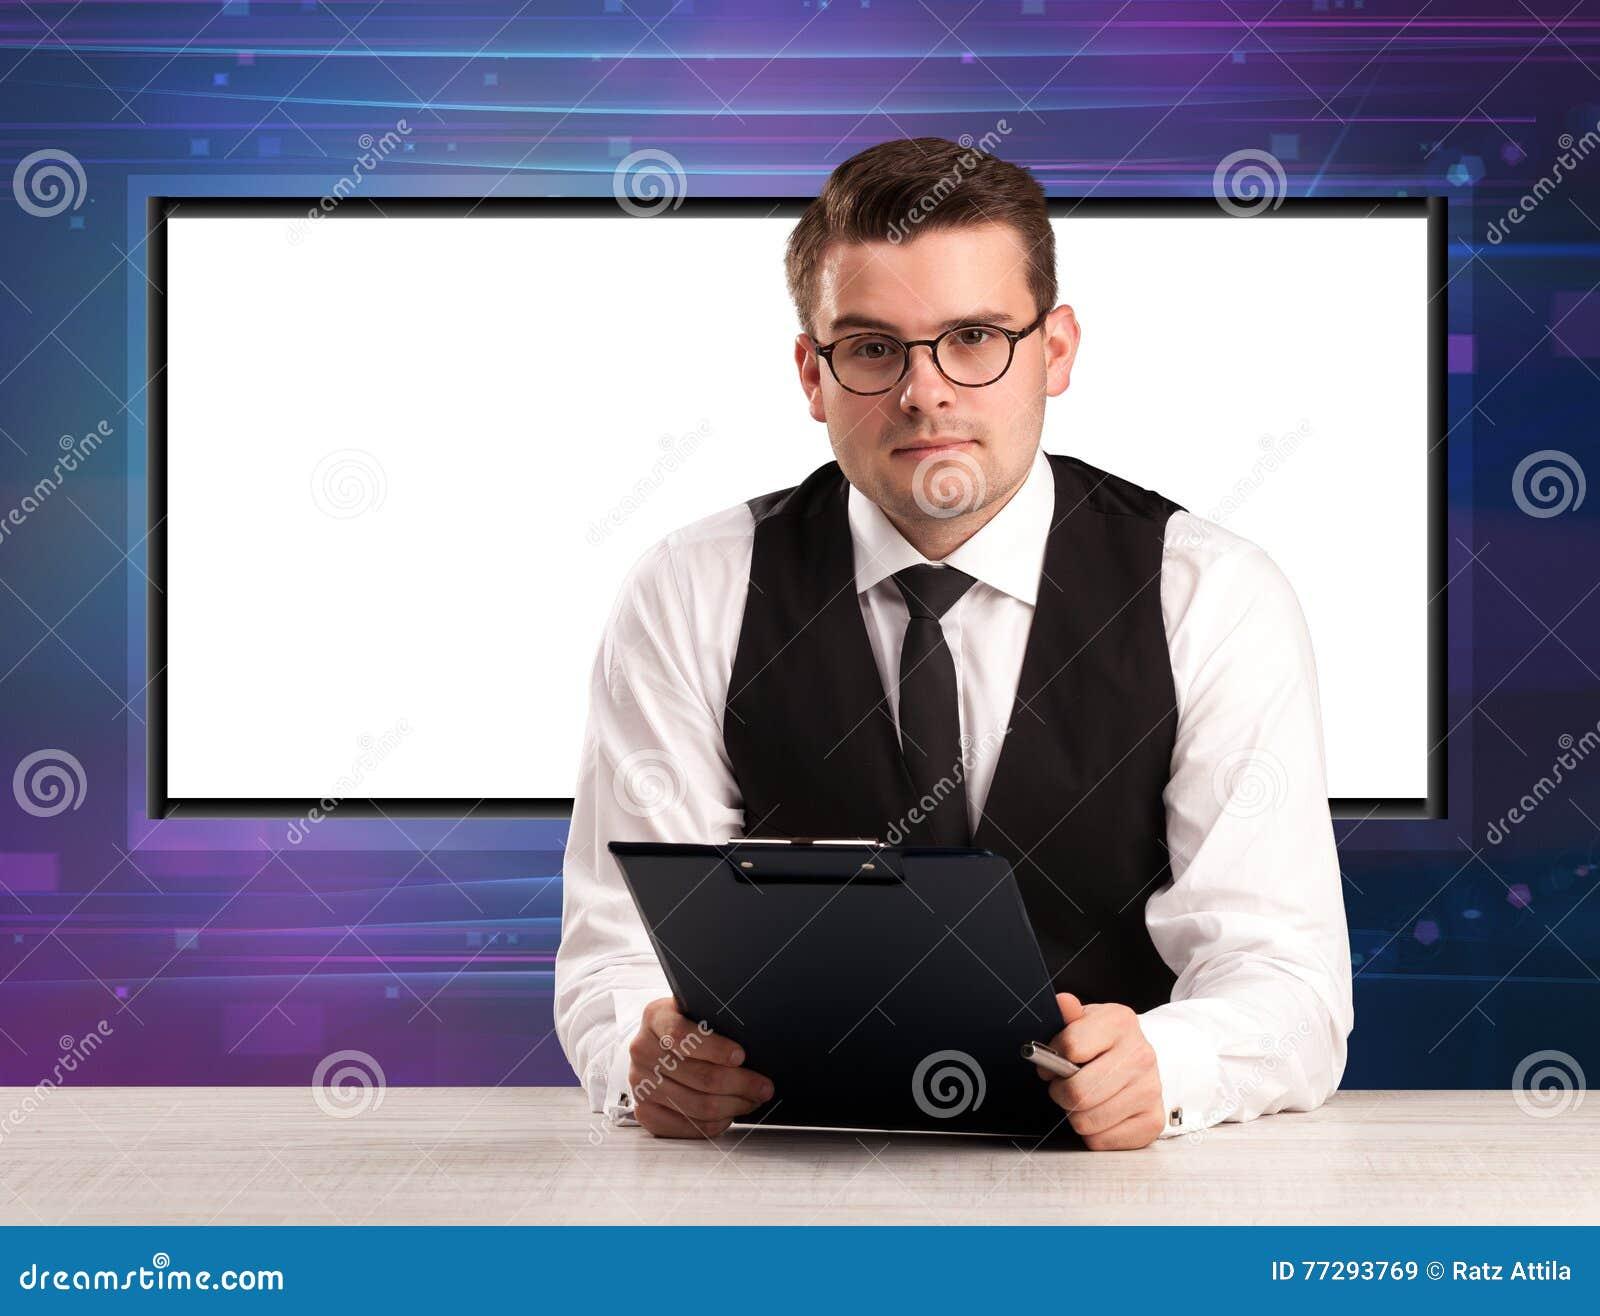 Хозяин телевизионной программы с большим экраном экземпляра в его назад